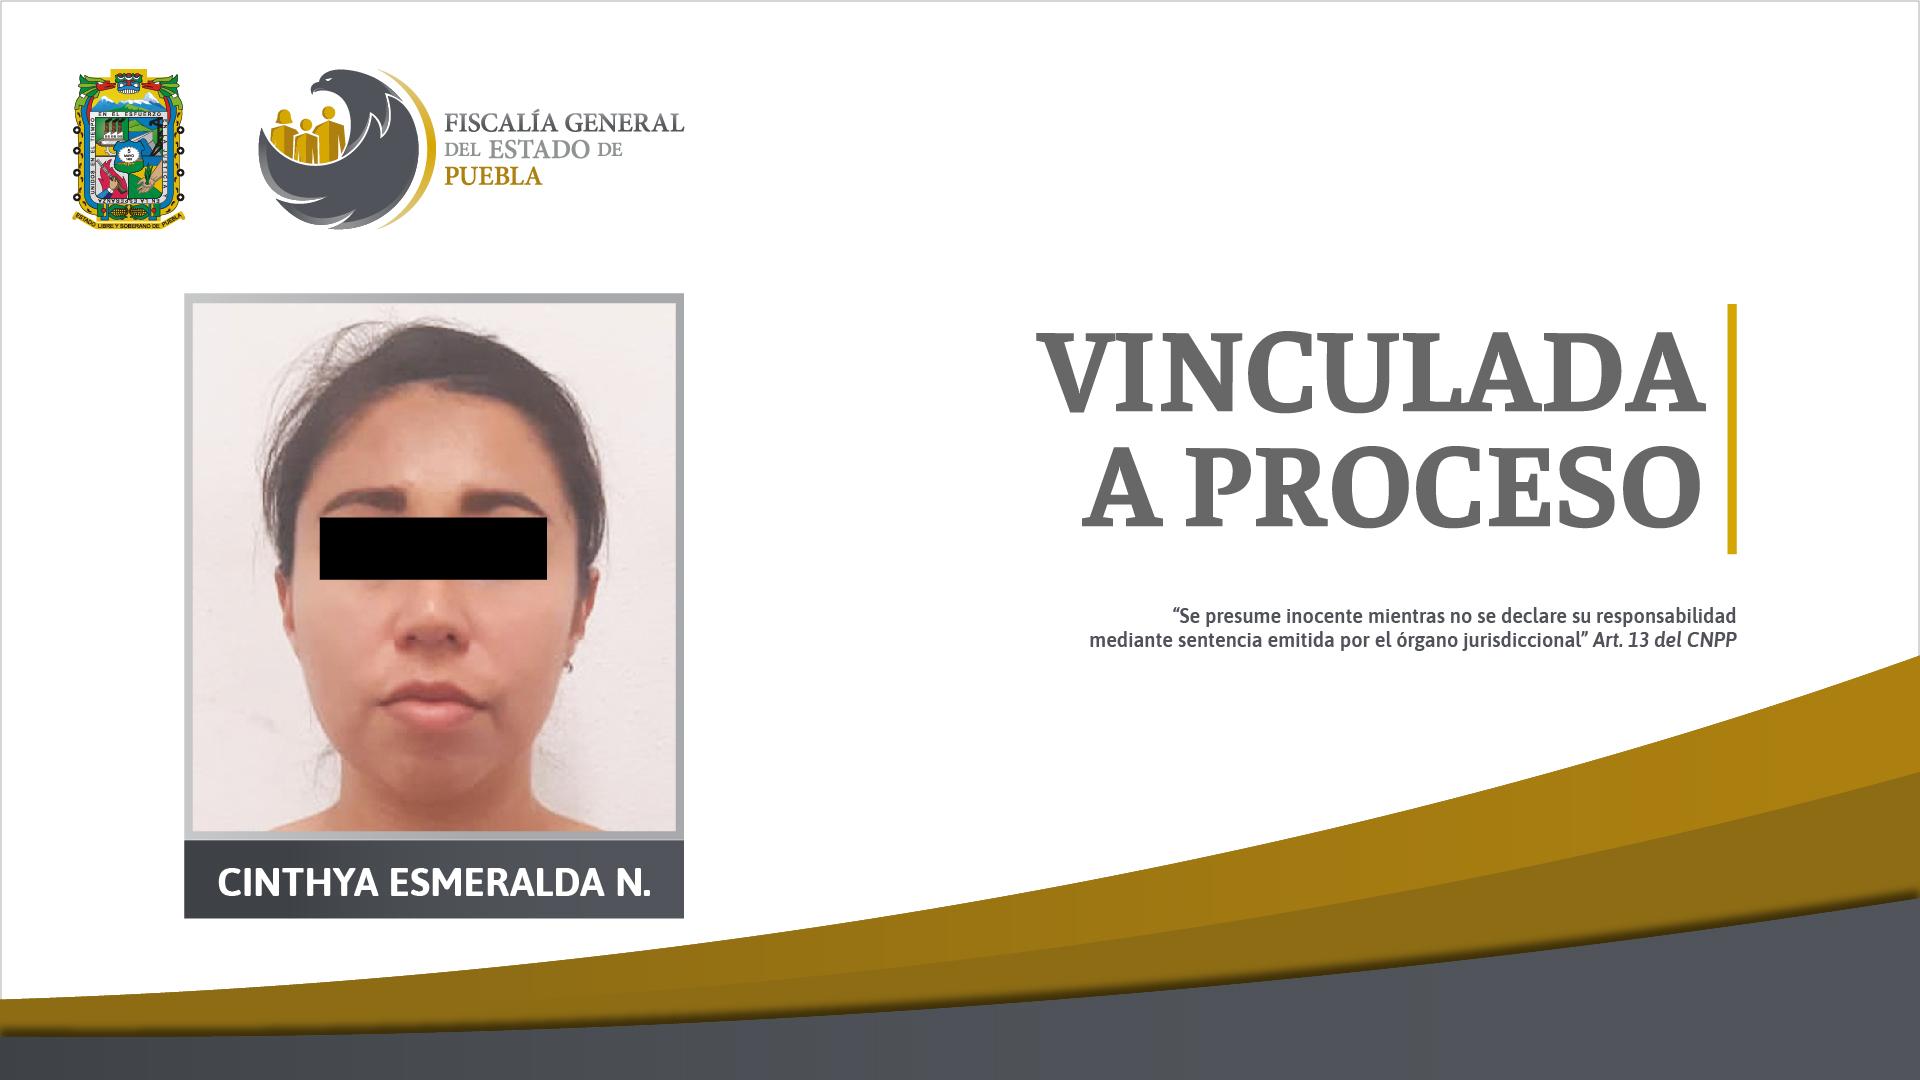 Cinthya Esmeralda N